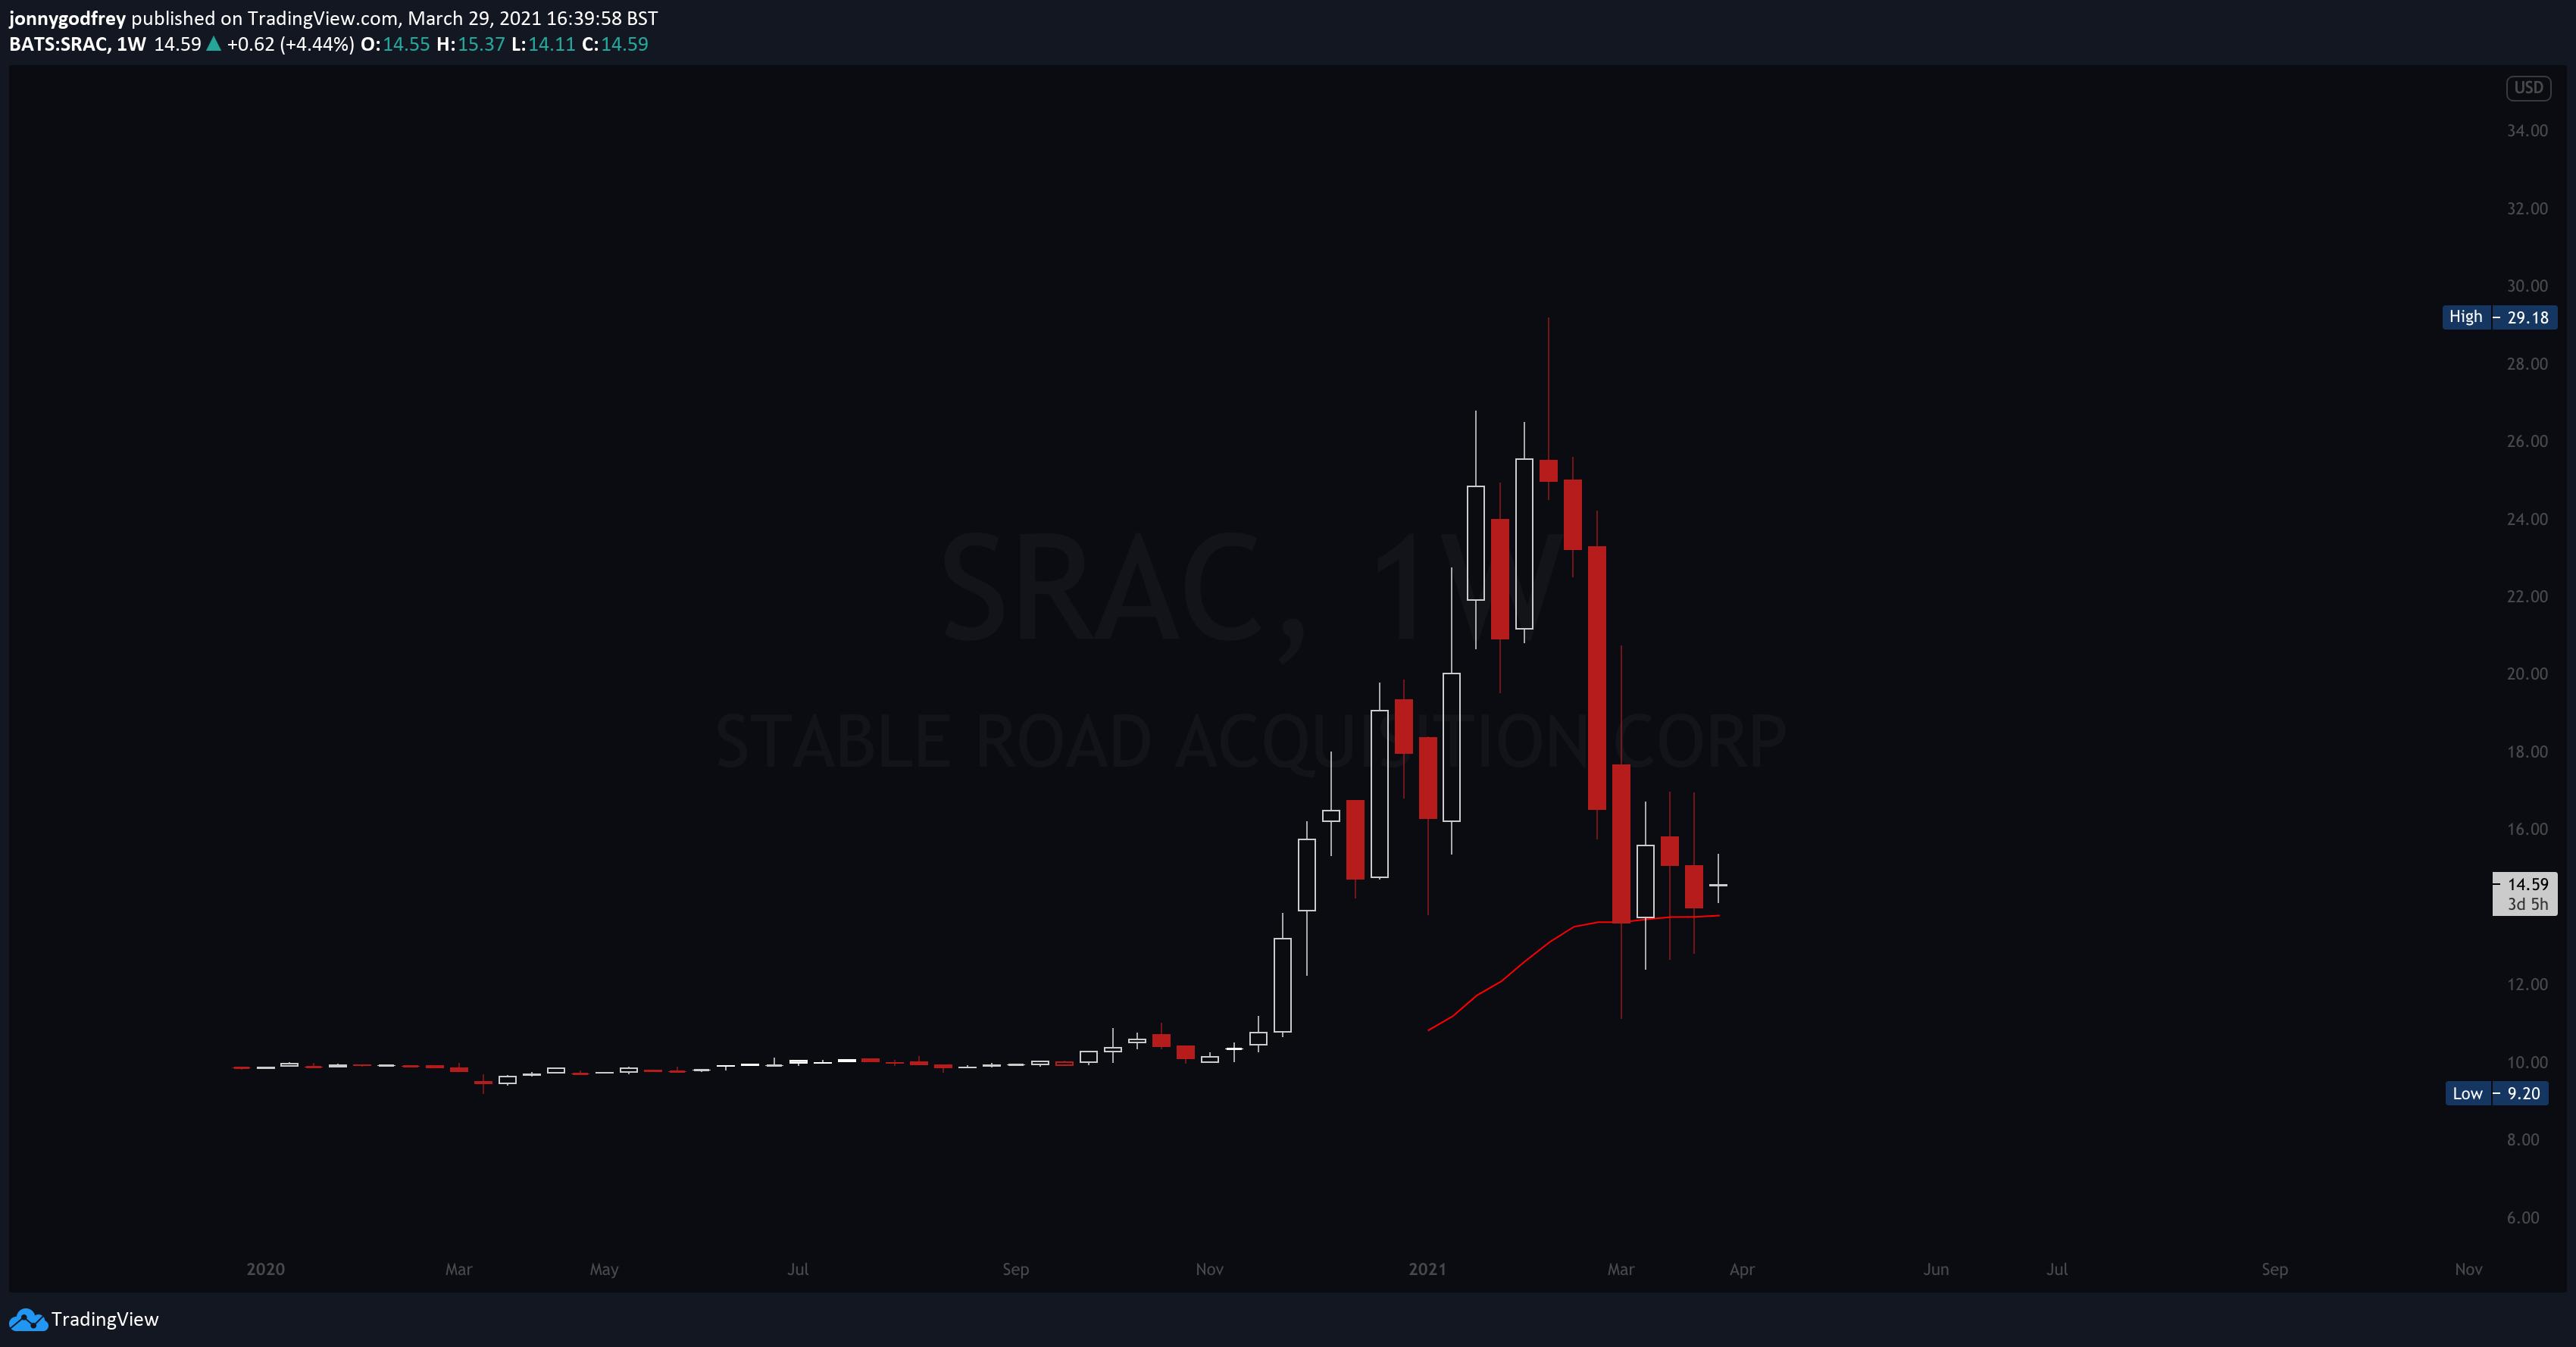 SRAC weekly chart